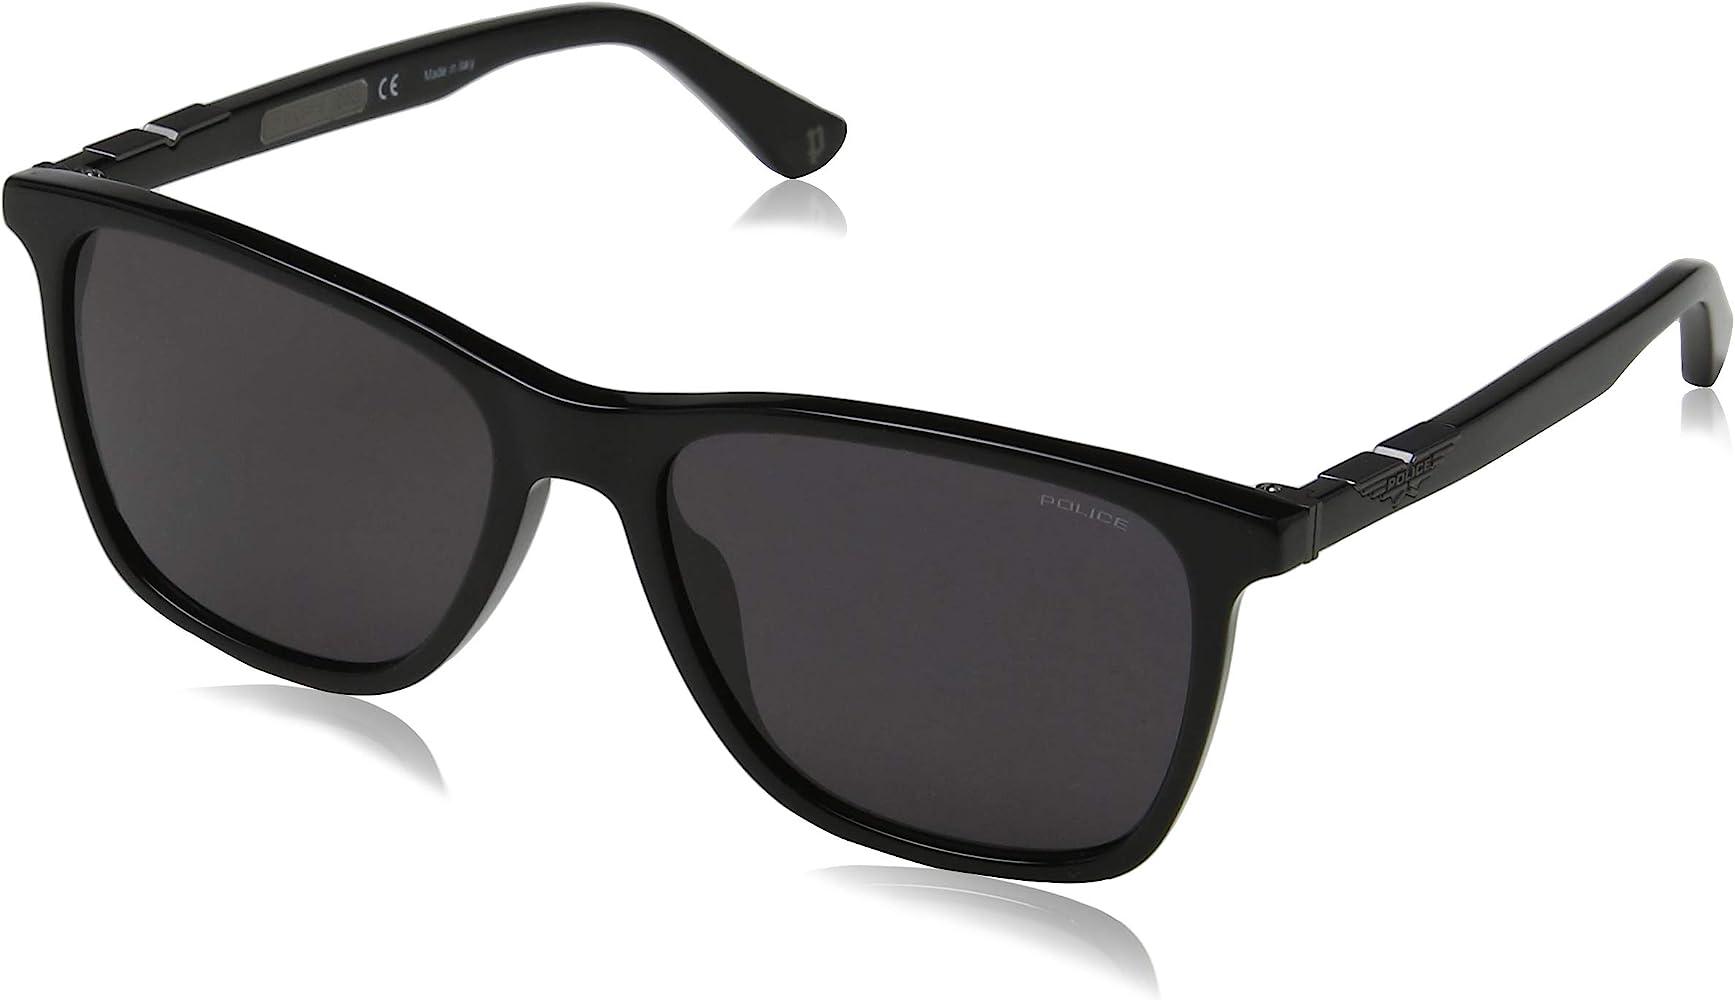 Police Origins 1 Gafas de Sol, Negro (Shiny Black/Grey), 56.0 para Hombre